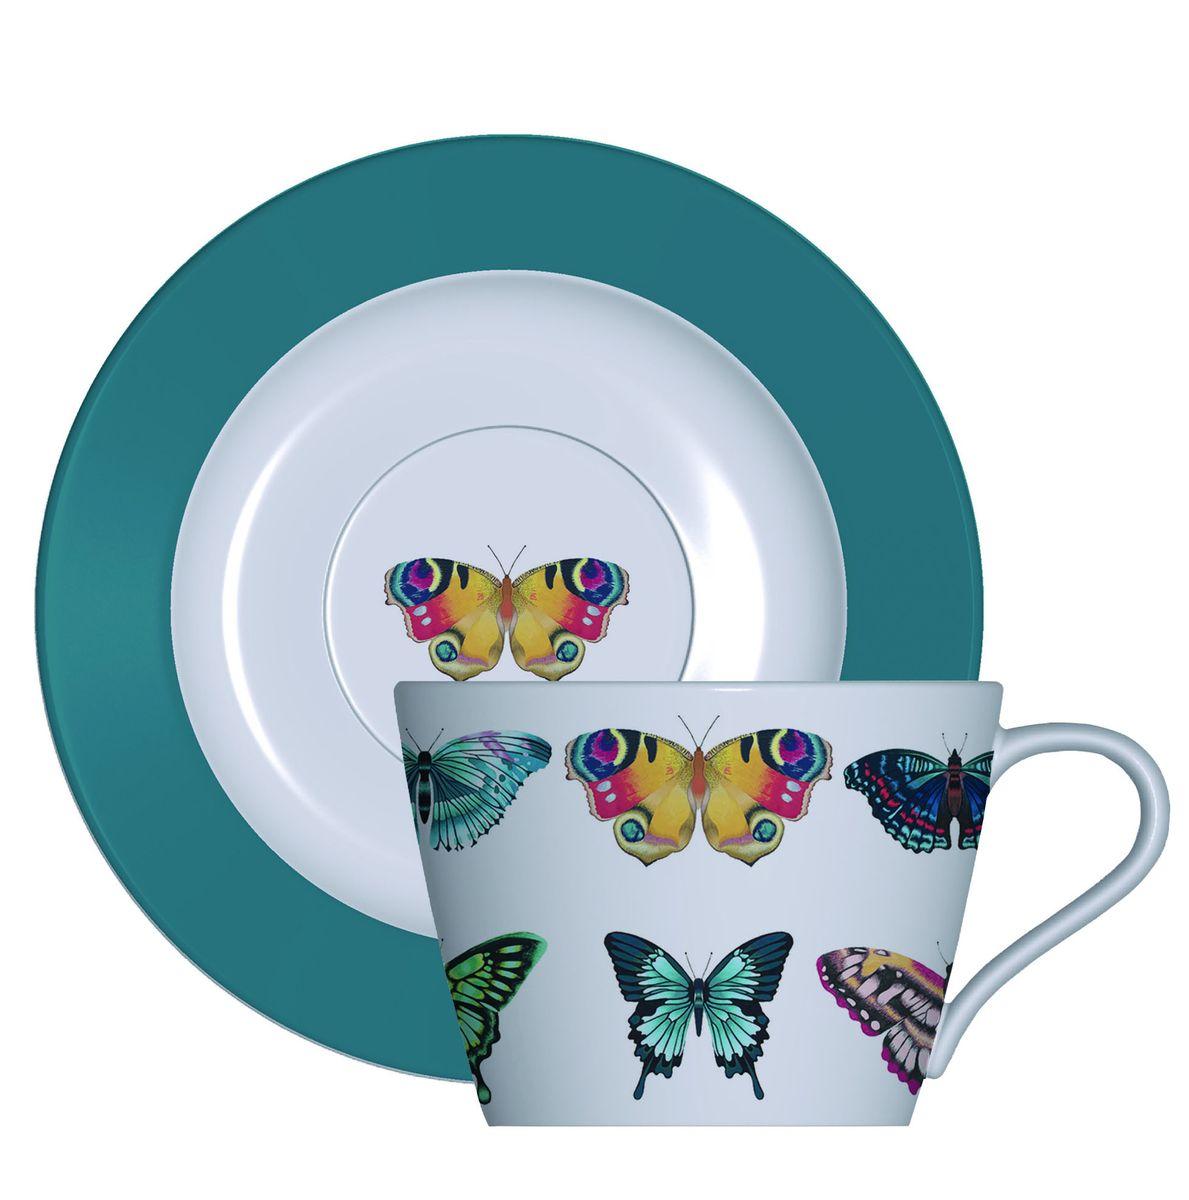 """Набор кофейный Churchill """"Бабочки"""" состоит из 2 кофейных чашек и 2 блюдец. Изделия выполнены из высококачественного костяного фарфора и оформлены красочным изображением бабочек.  Можно мыть в посудомоечной машине. Можно использовать в микроволновой печи."""